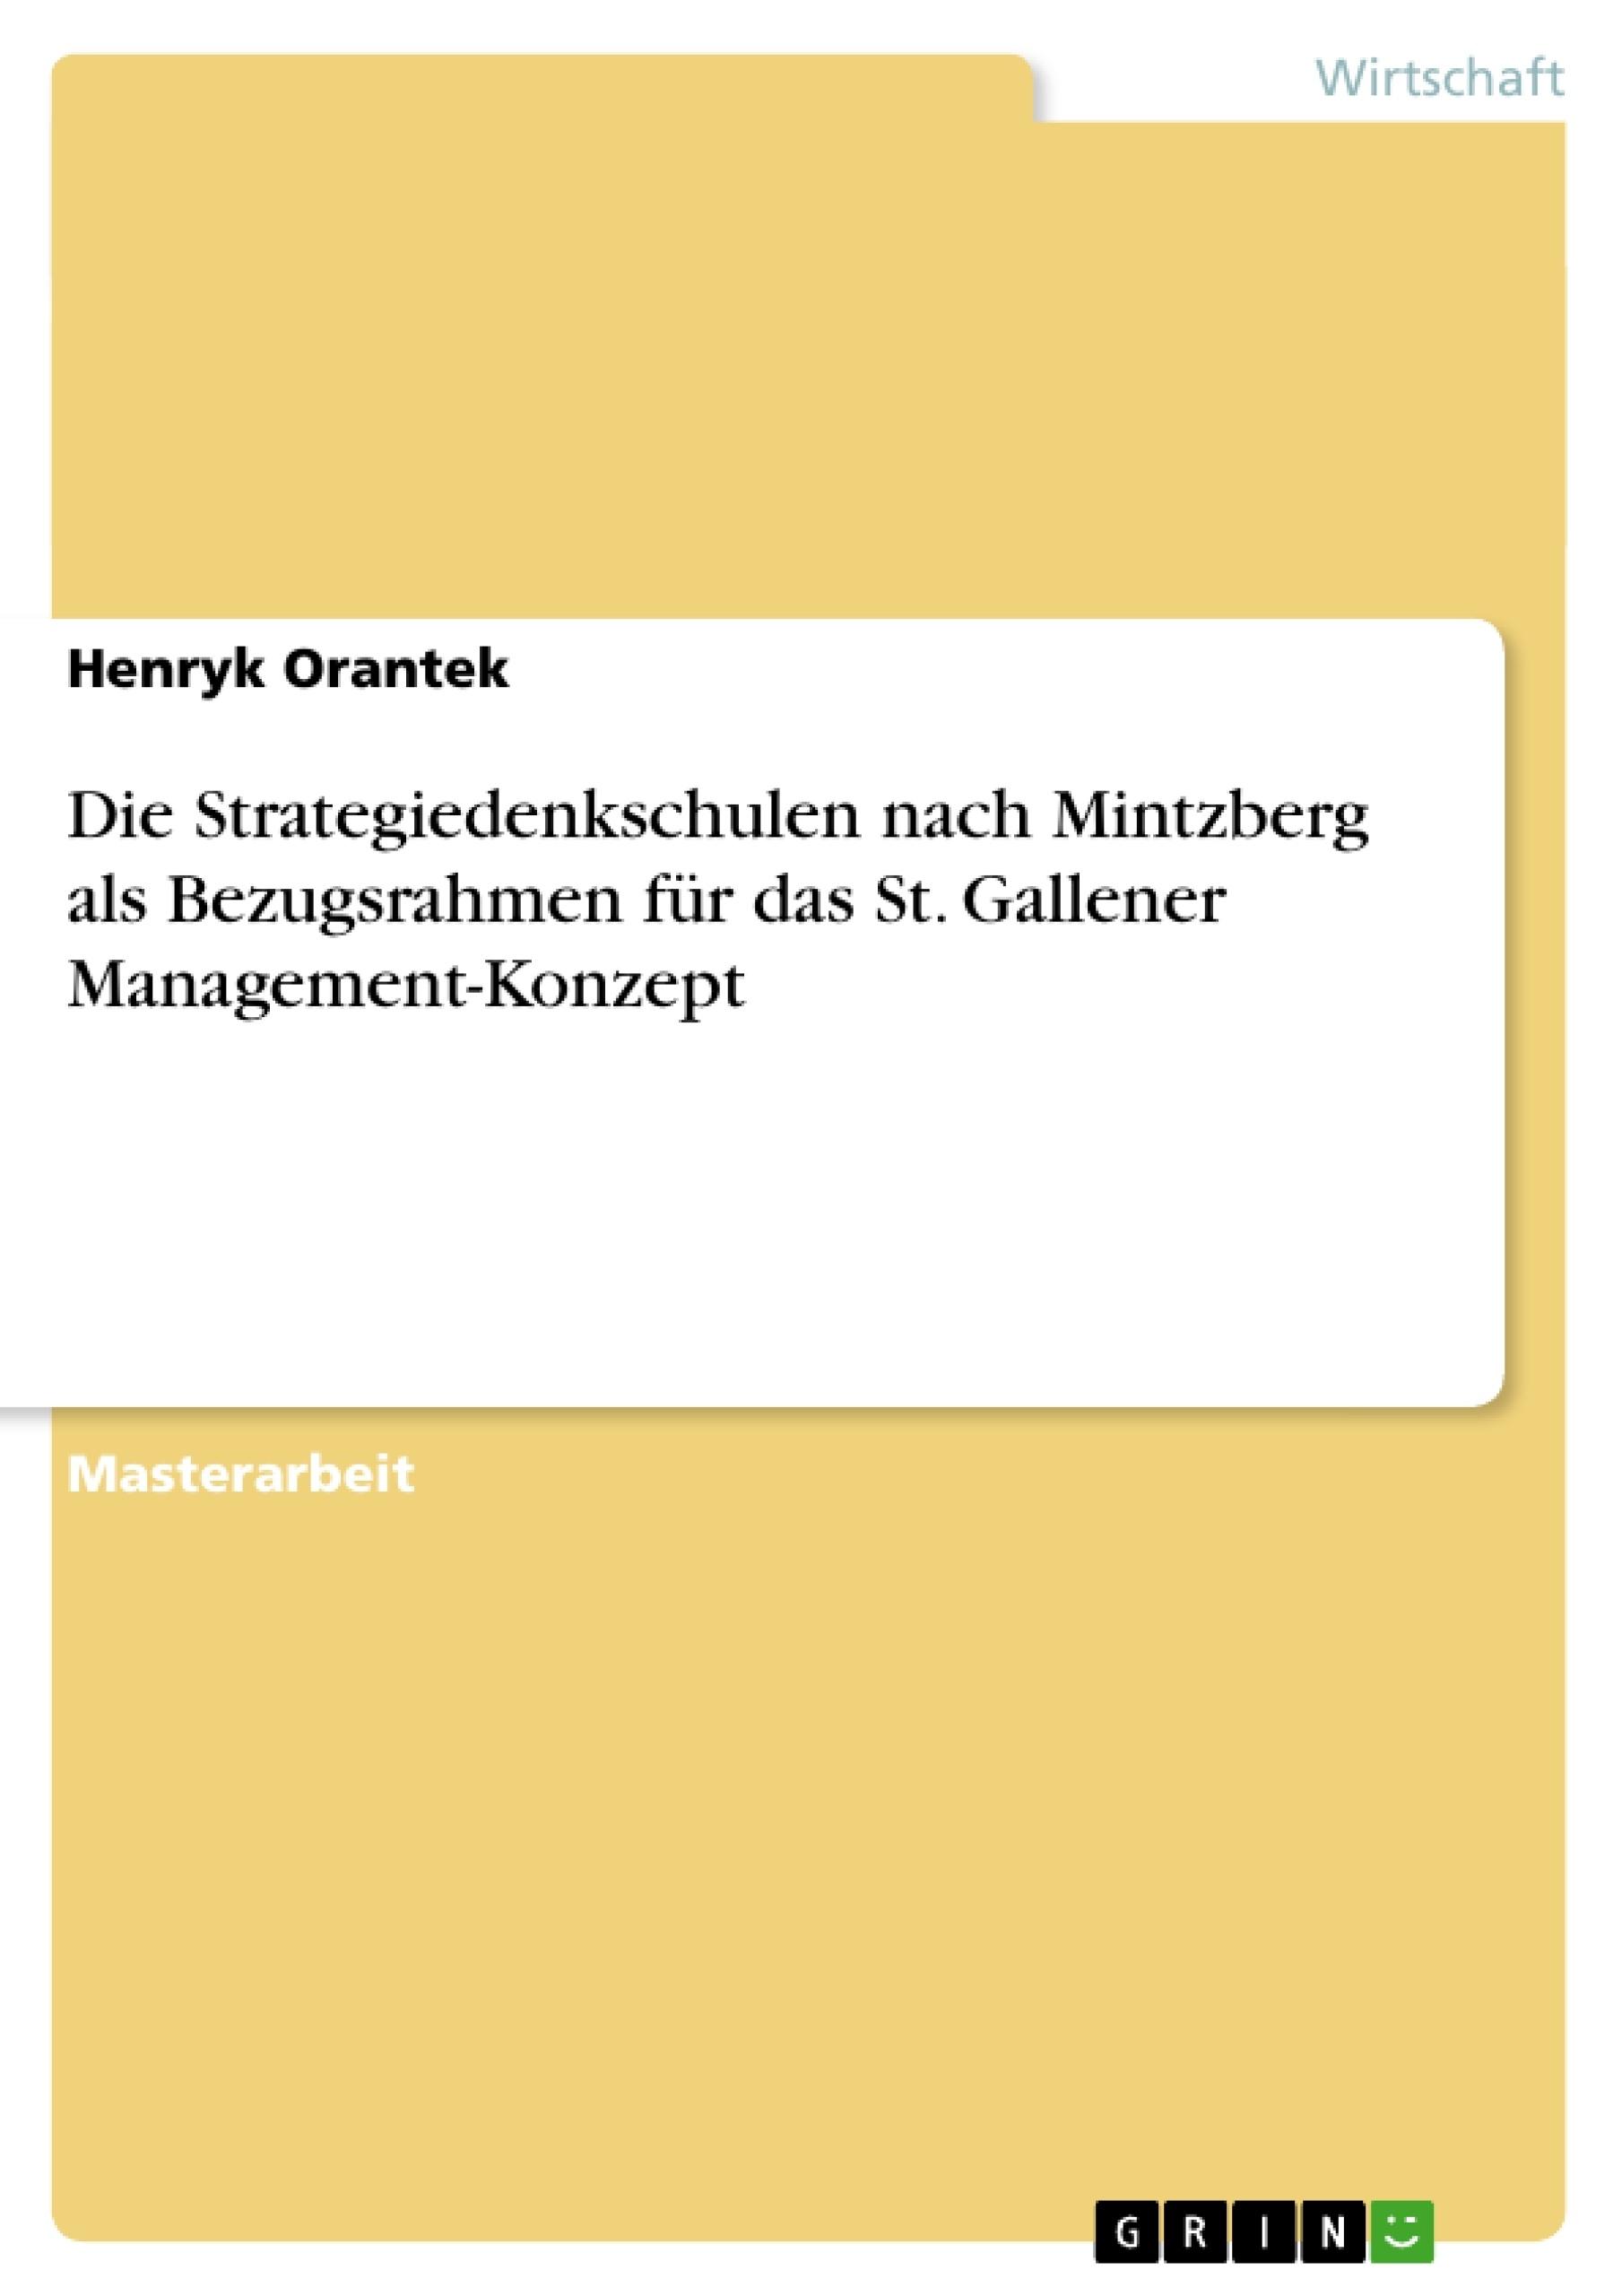 Titel: Die Strategiedenkschulen nach Mintzberg als Bezugsrahmen für das St. Gallener Management-Konzept